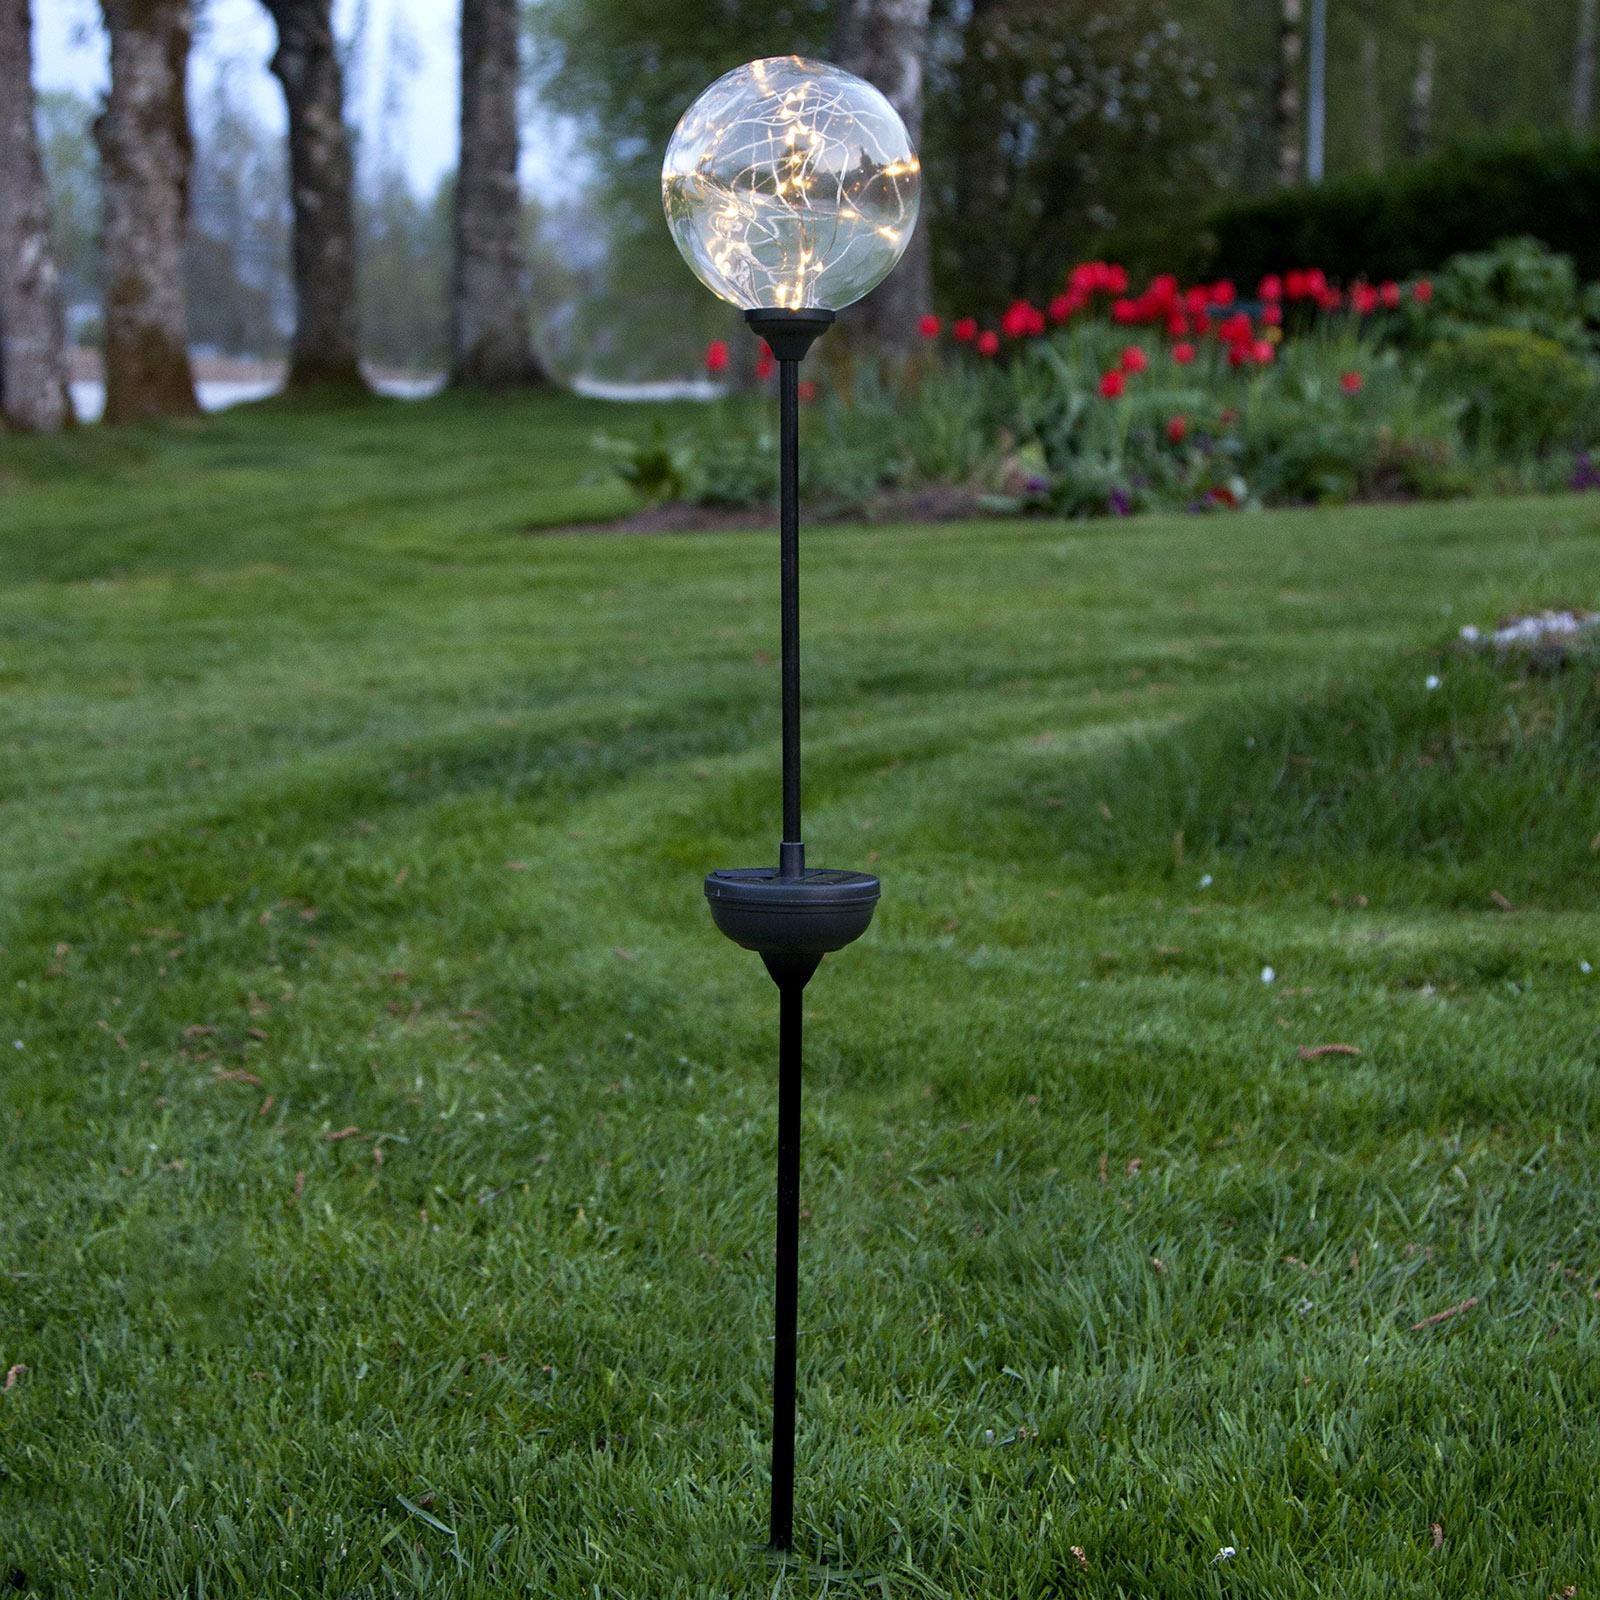 Acquista Lampada LED solare Glory, picchetto